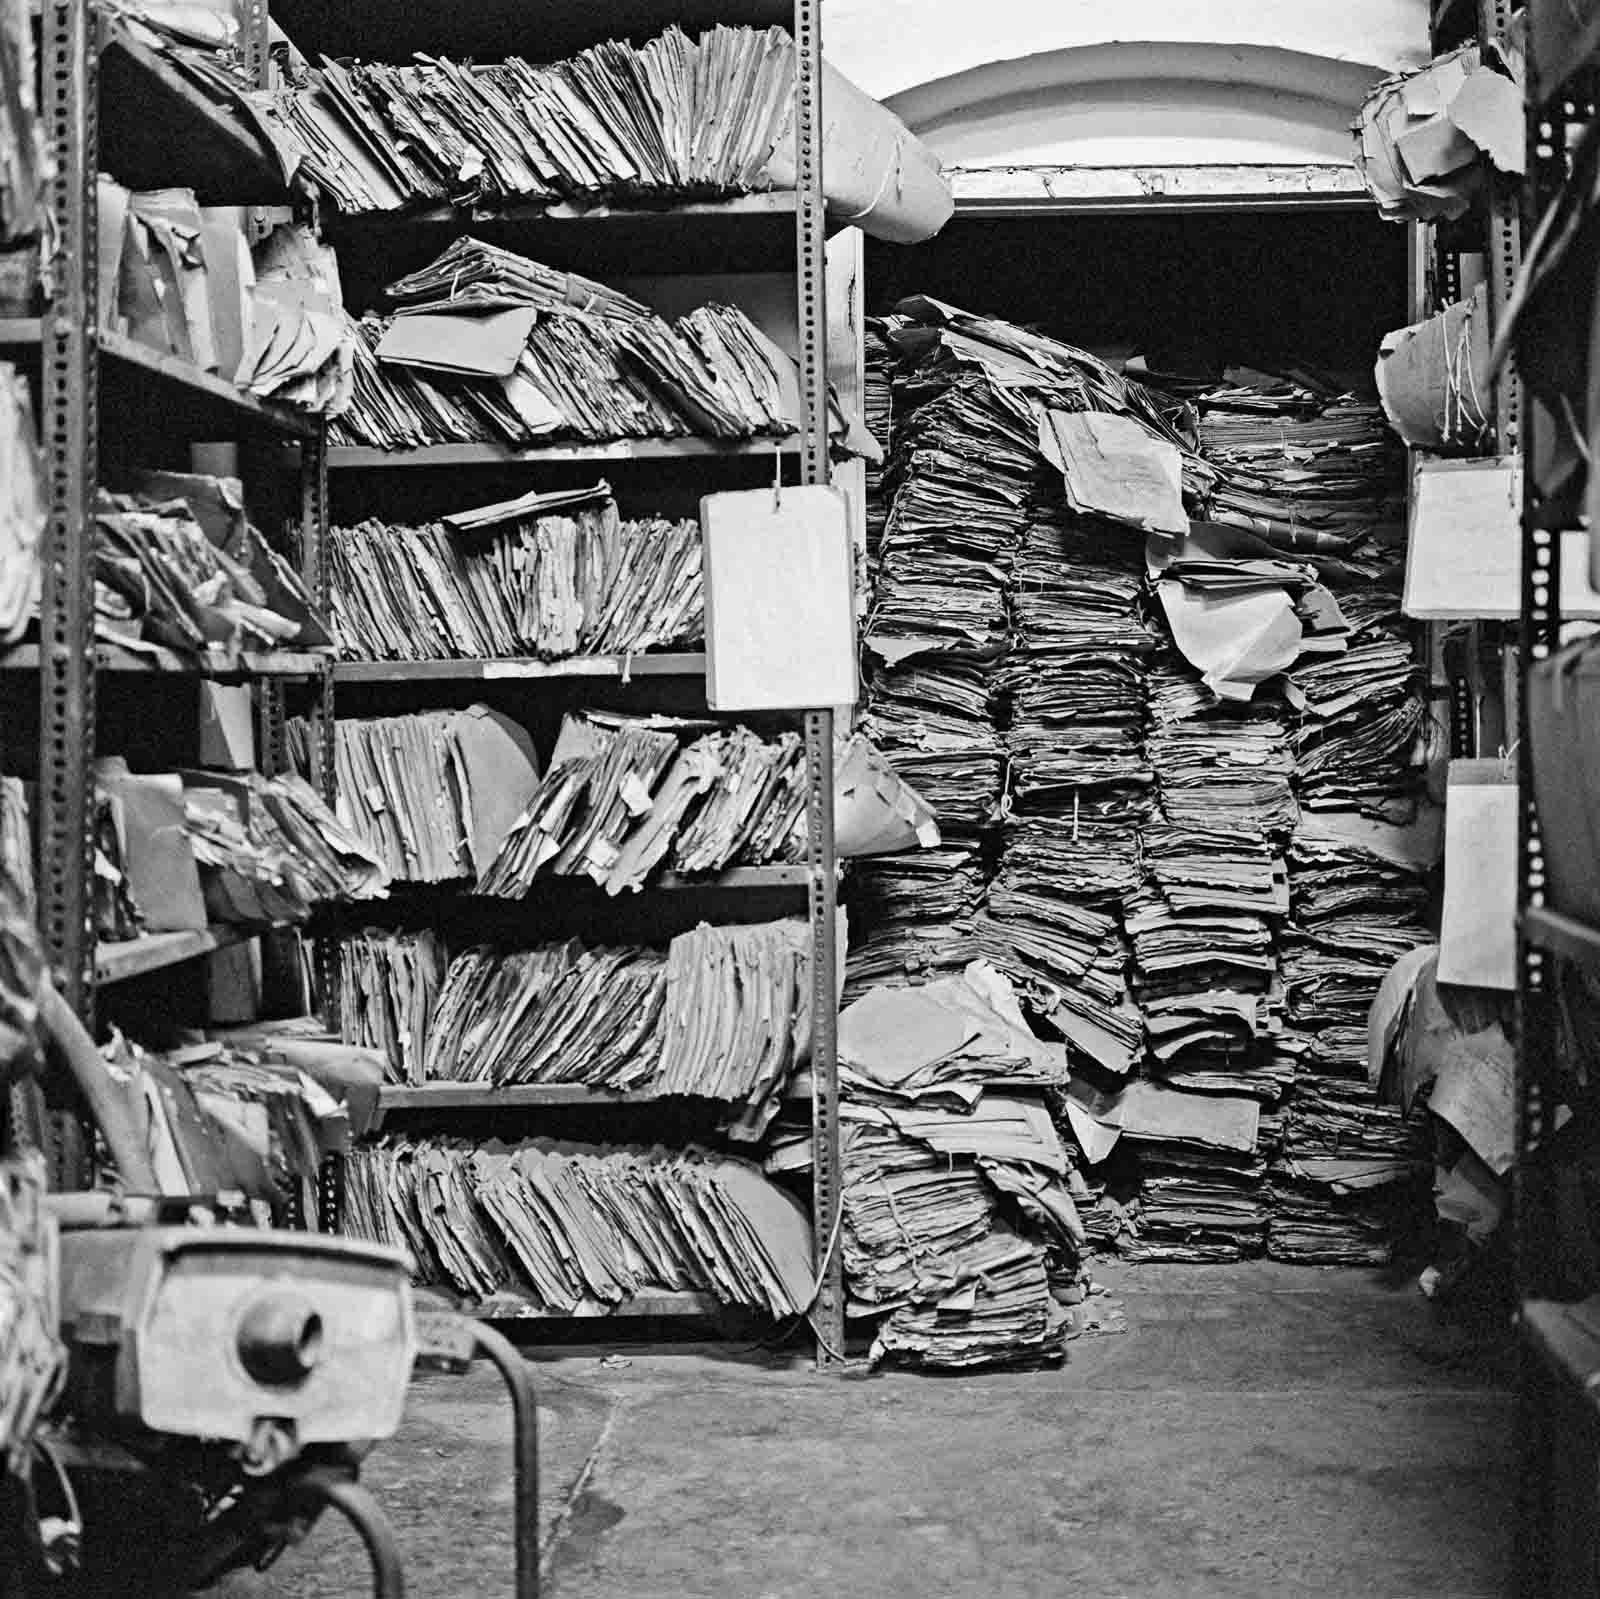 Wer rettet diese Dokumente? Foto aus dem besprochenen Fotoband. © Dayanita Singh